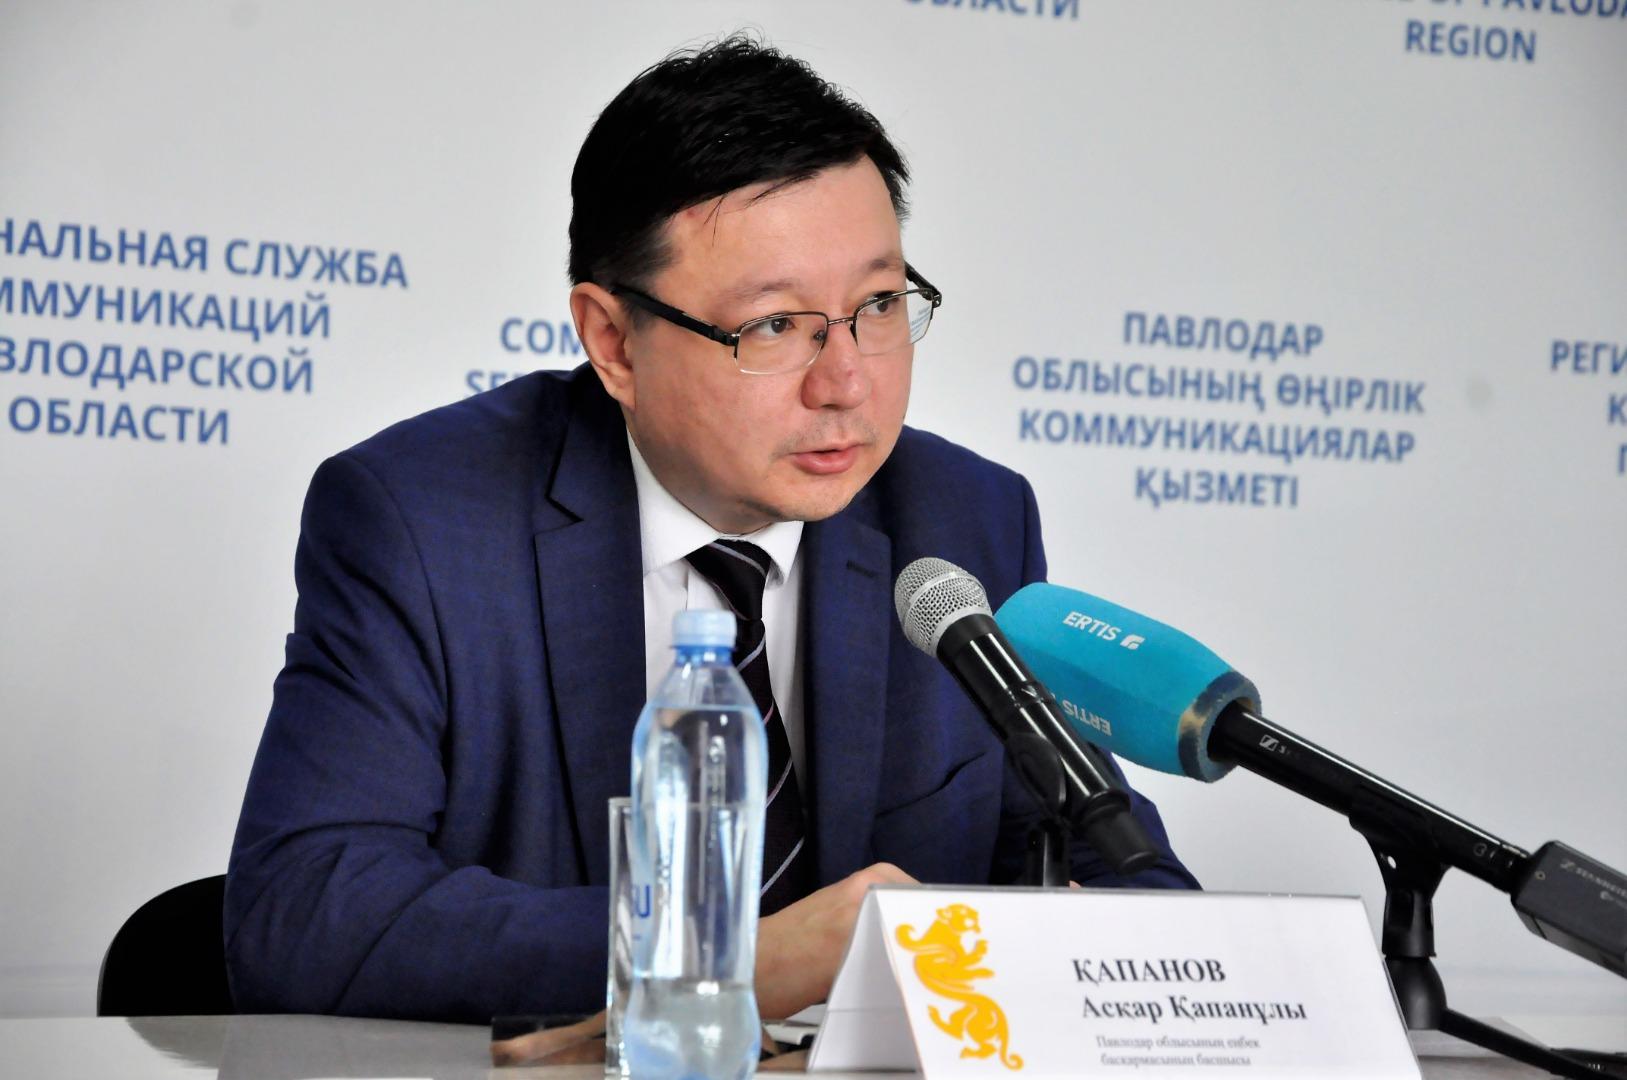 Павлодар облысында175,8 млн теңге жалақы қарызыөтелді